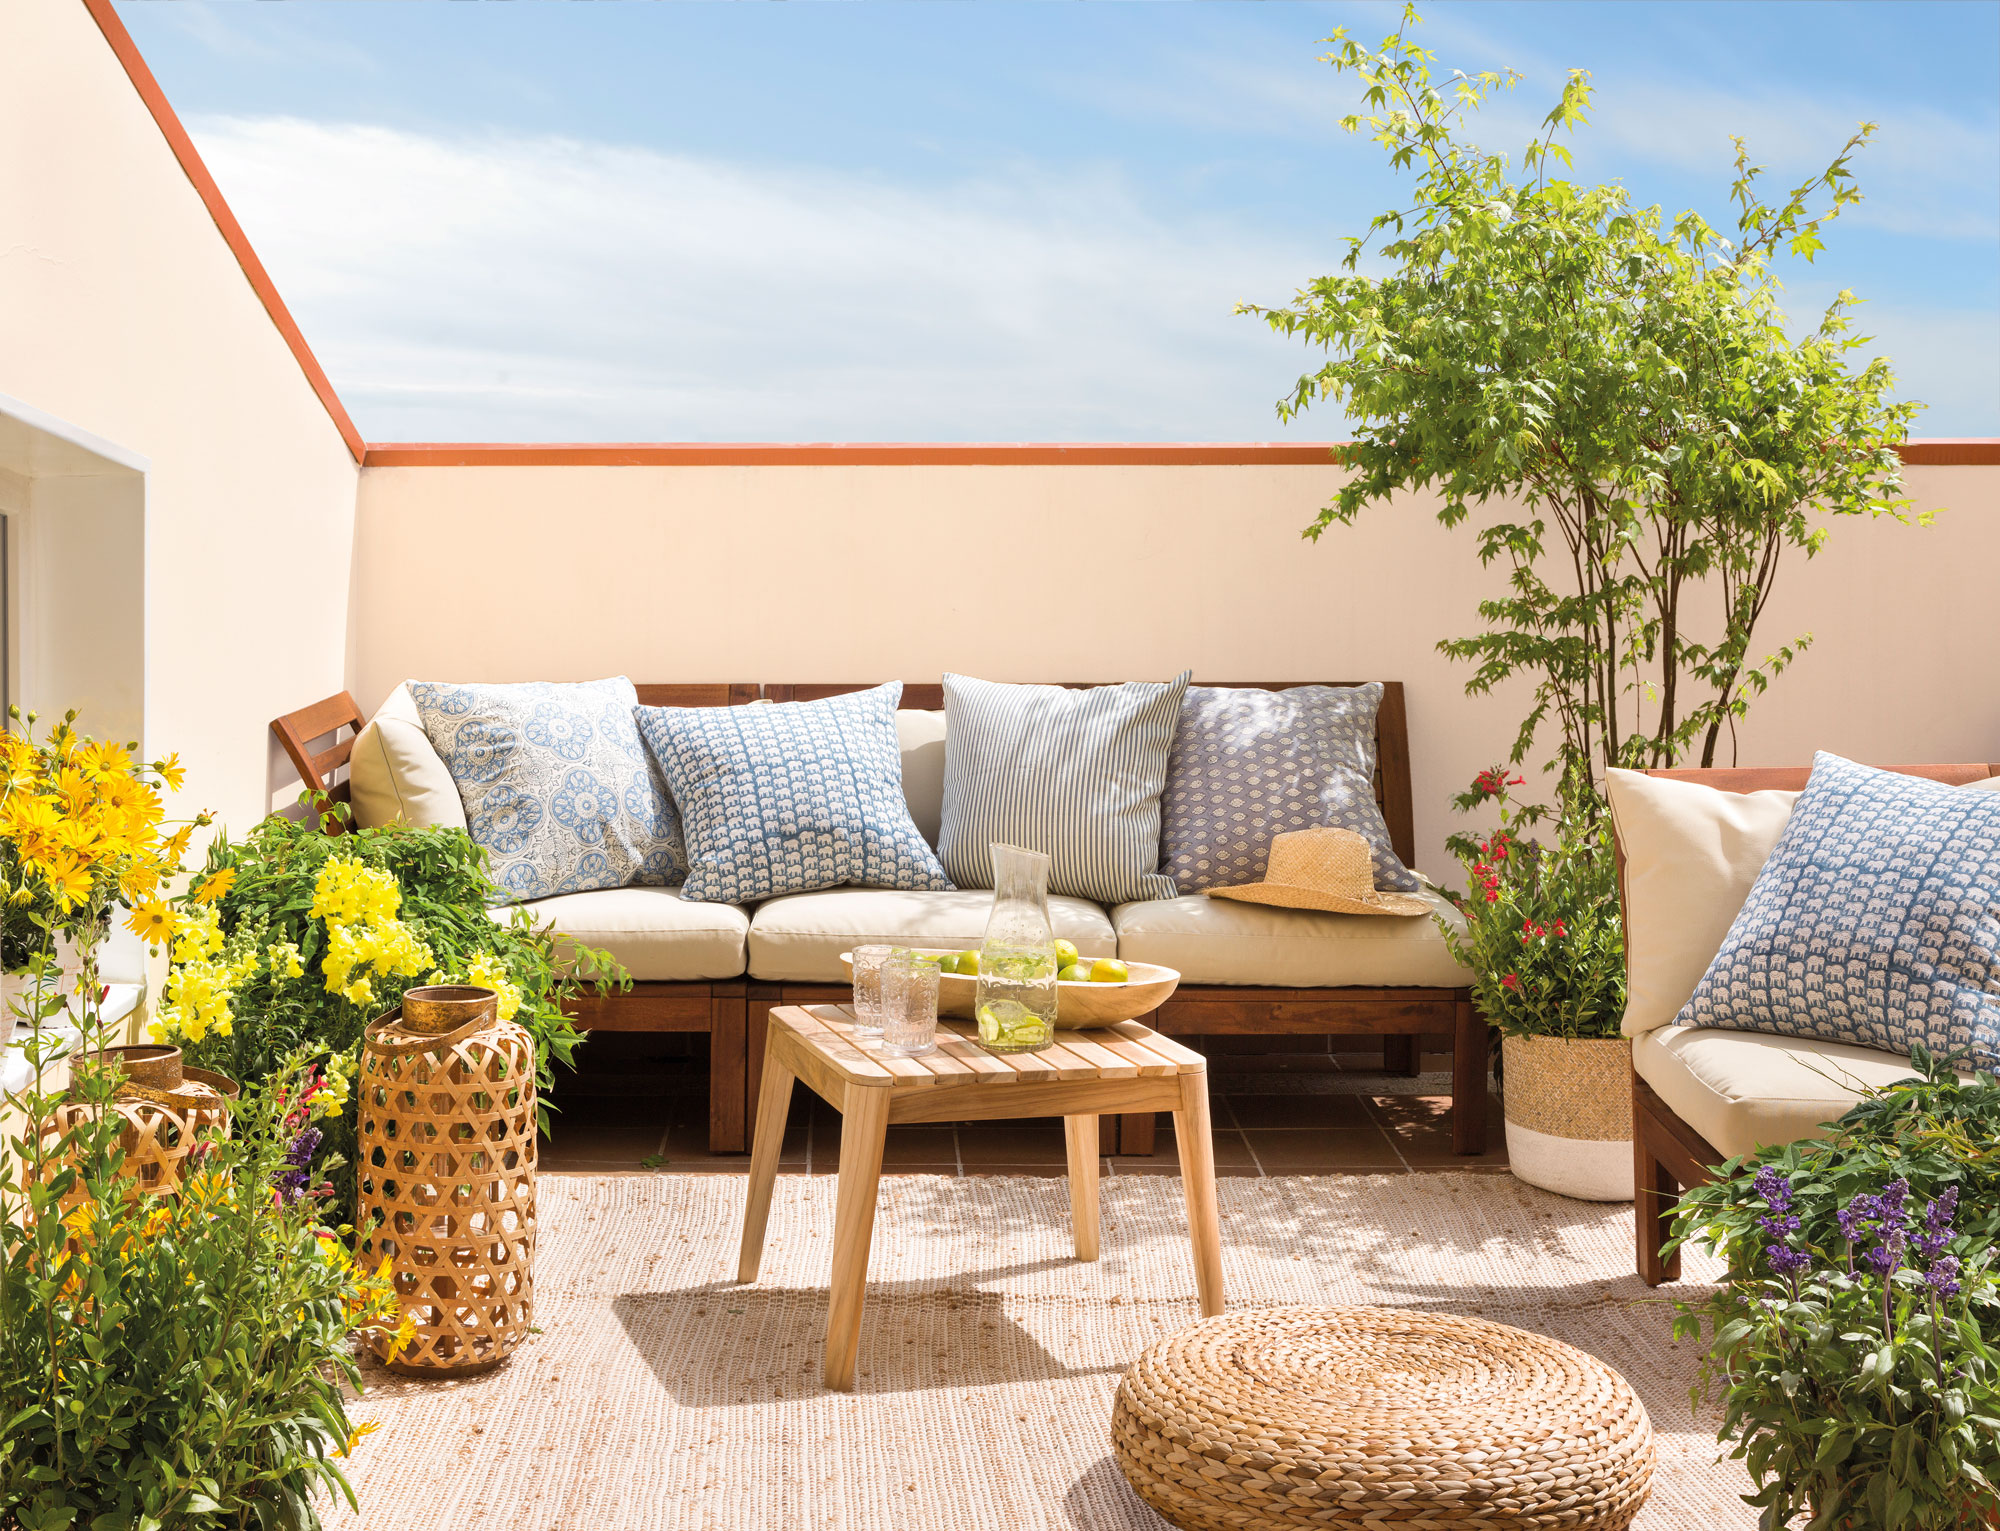 10 rboles que puedes plantar en tu terraza - Decorar terrazas reciclando ...